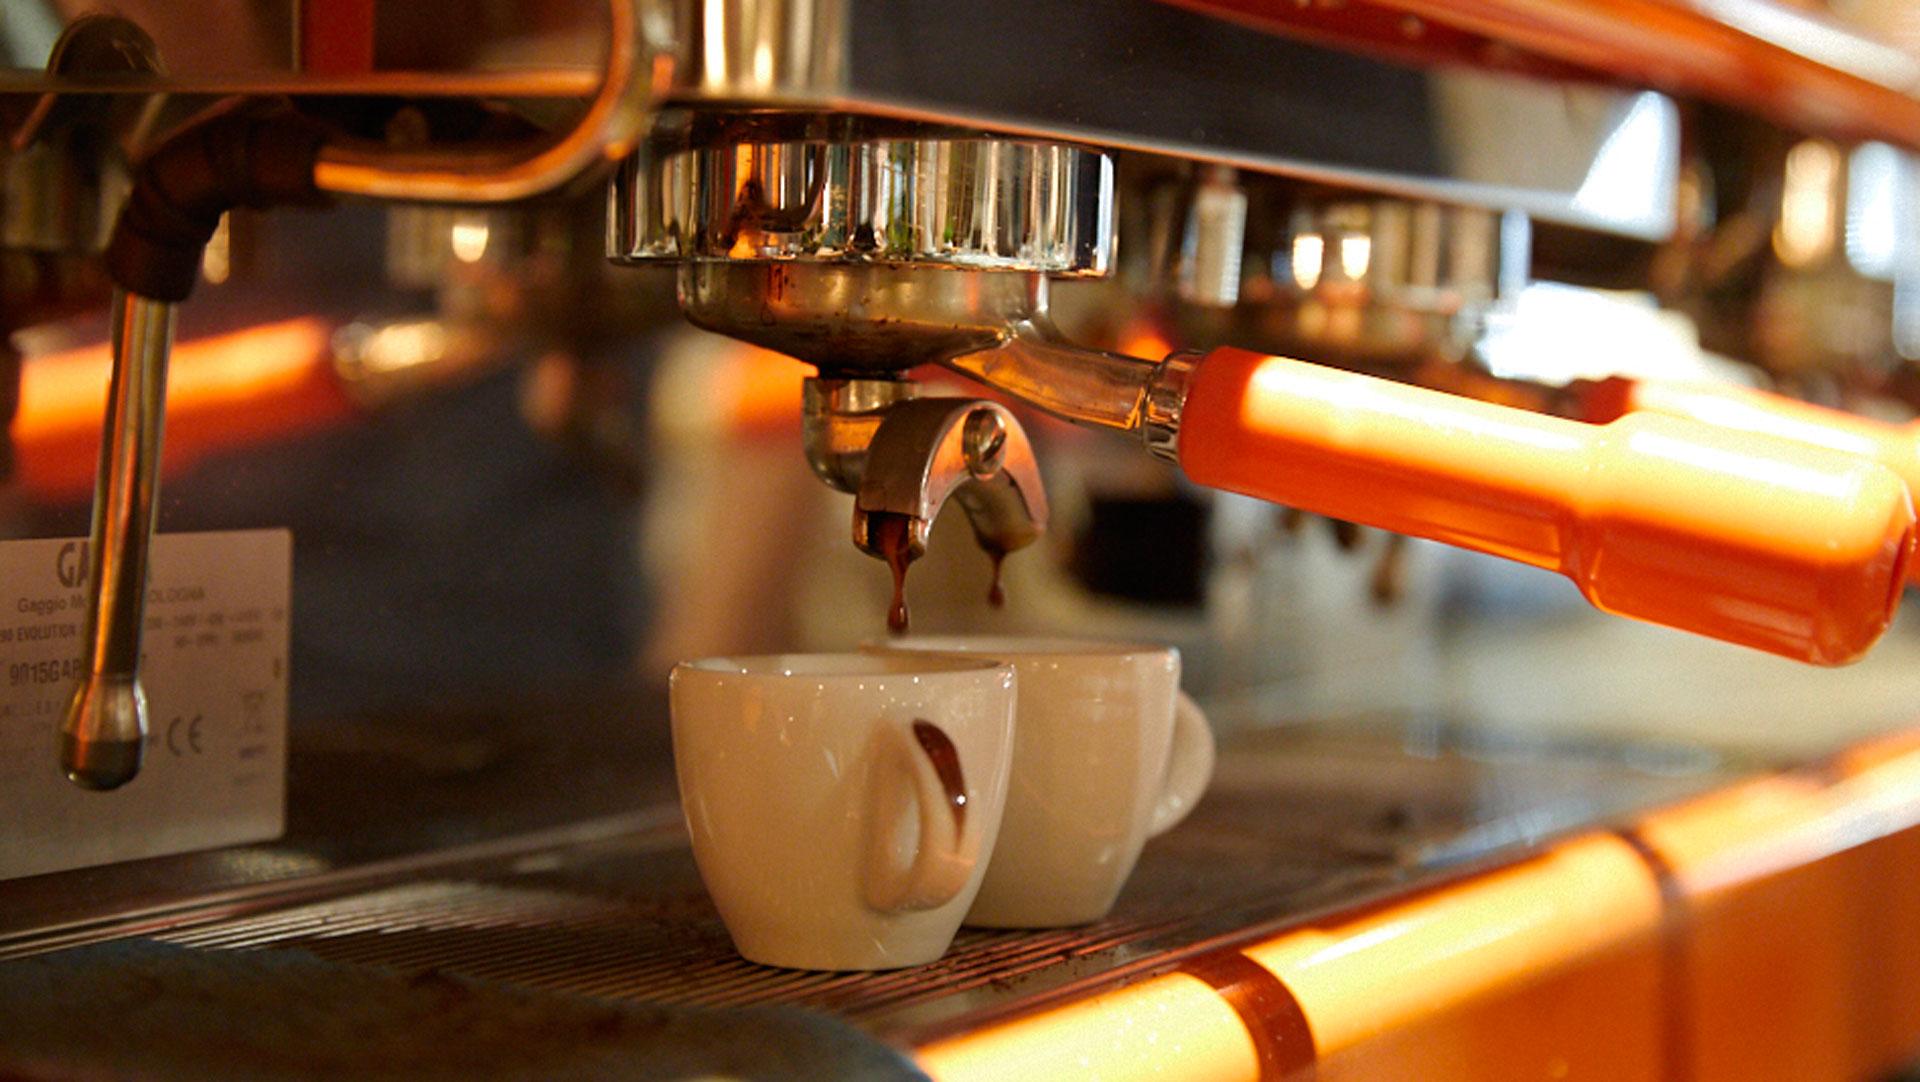 Fondente Roncade - Caffè ricercato